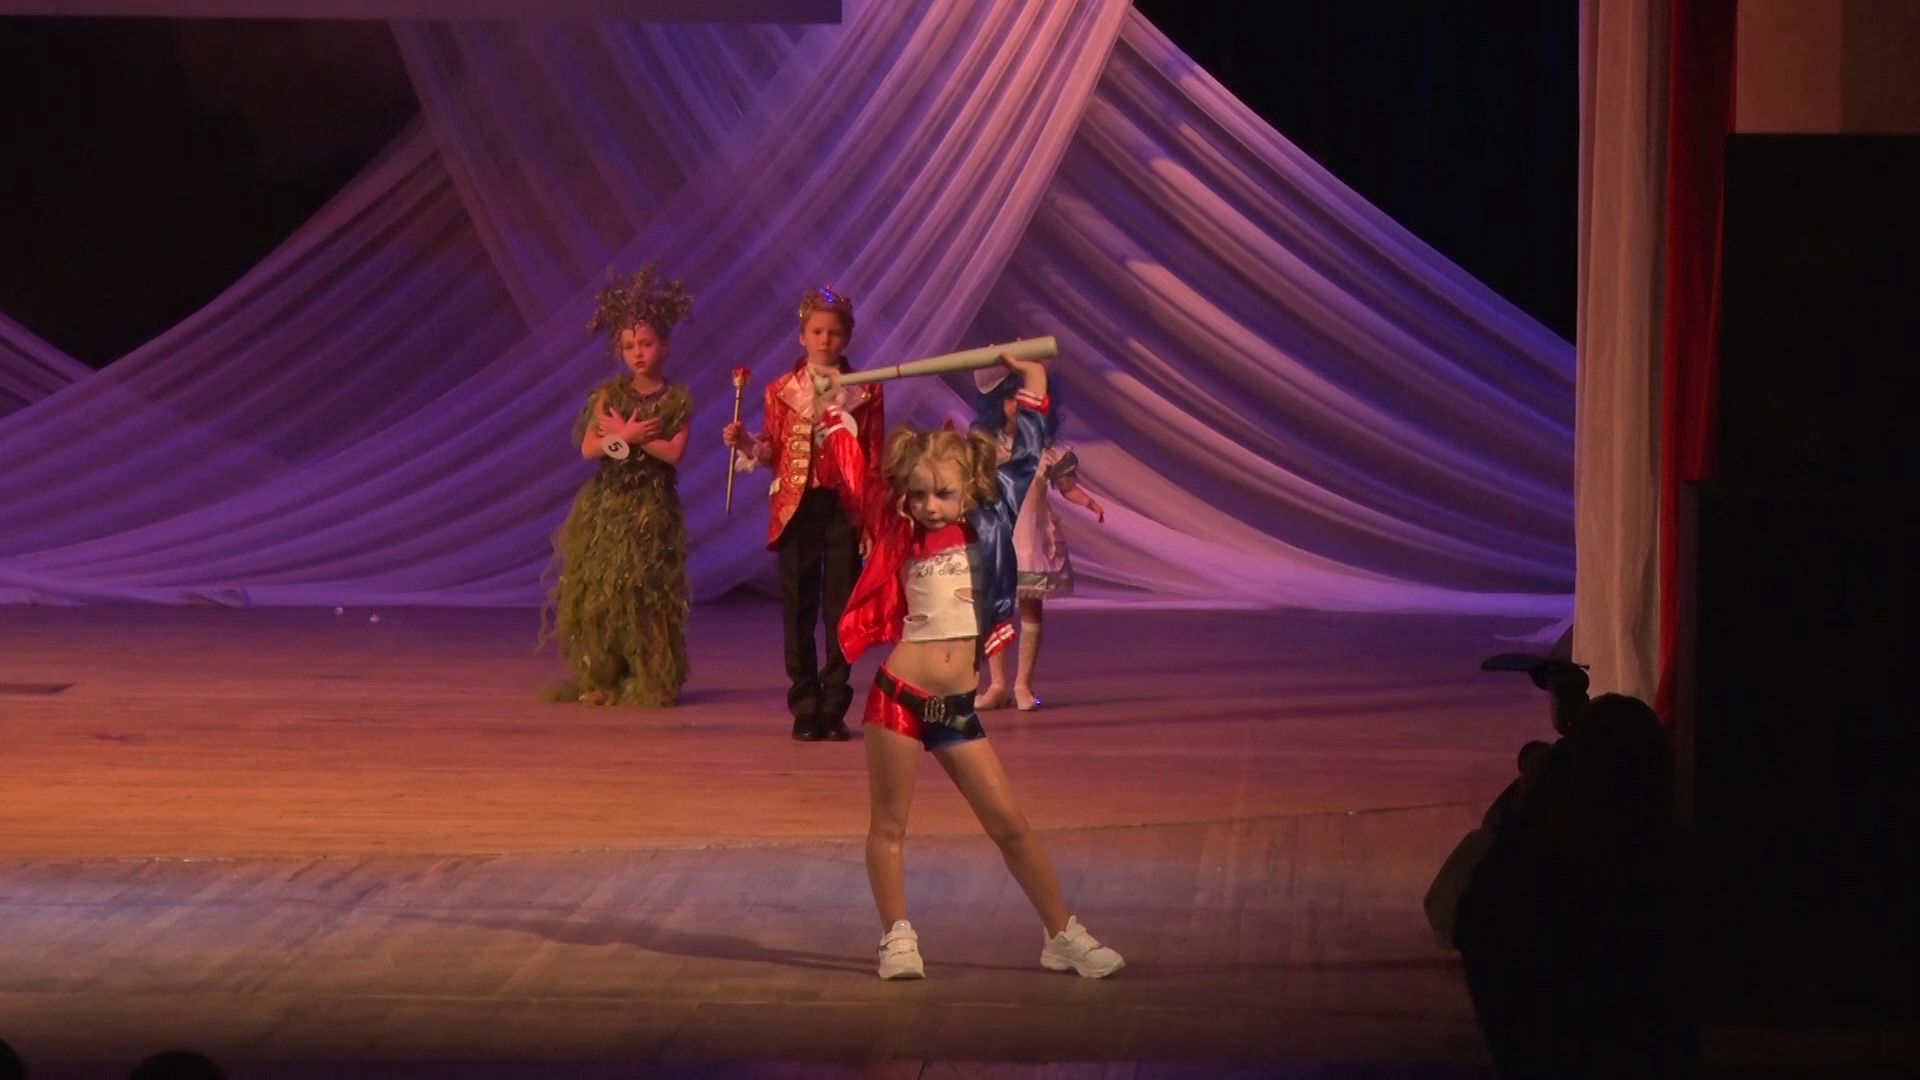 Конкурс «Детская топ-модель Ярославль» впервые прошел в столице Золотого кольца